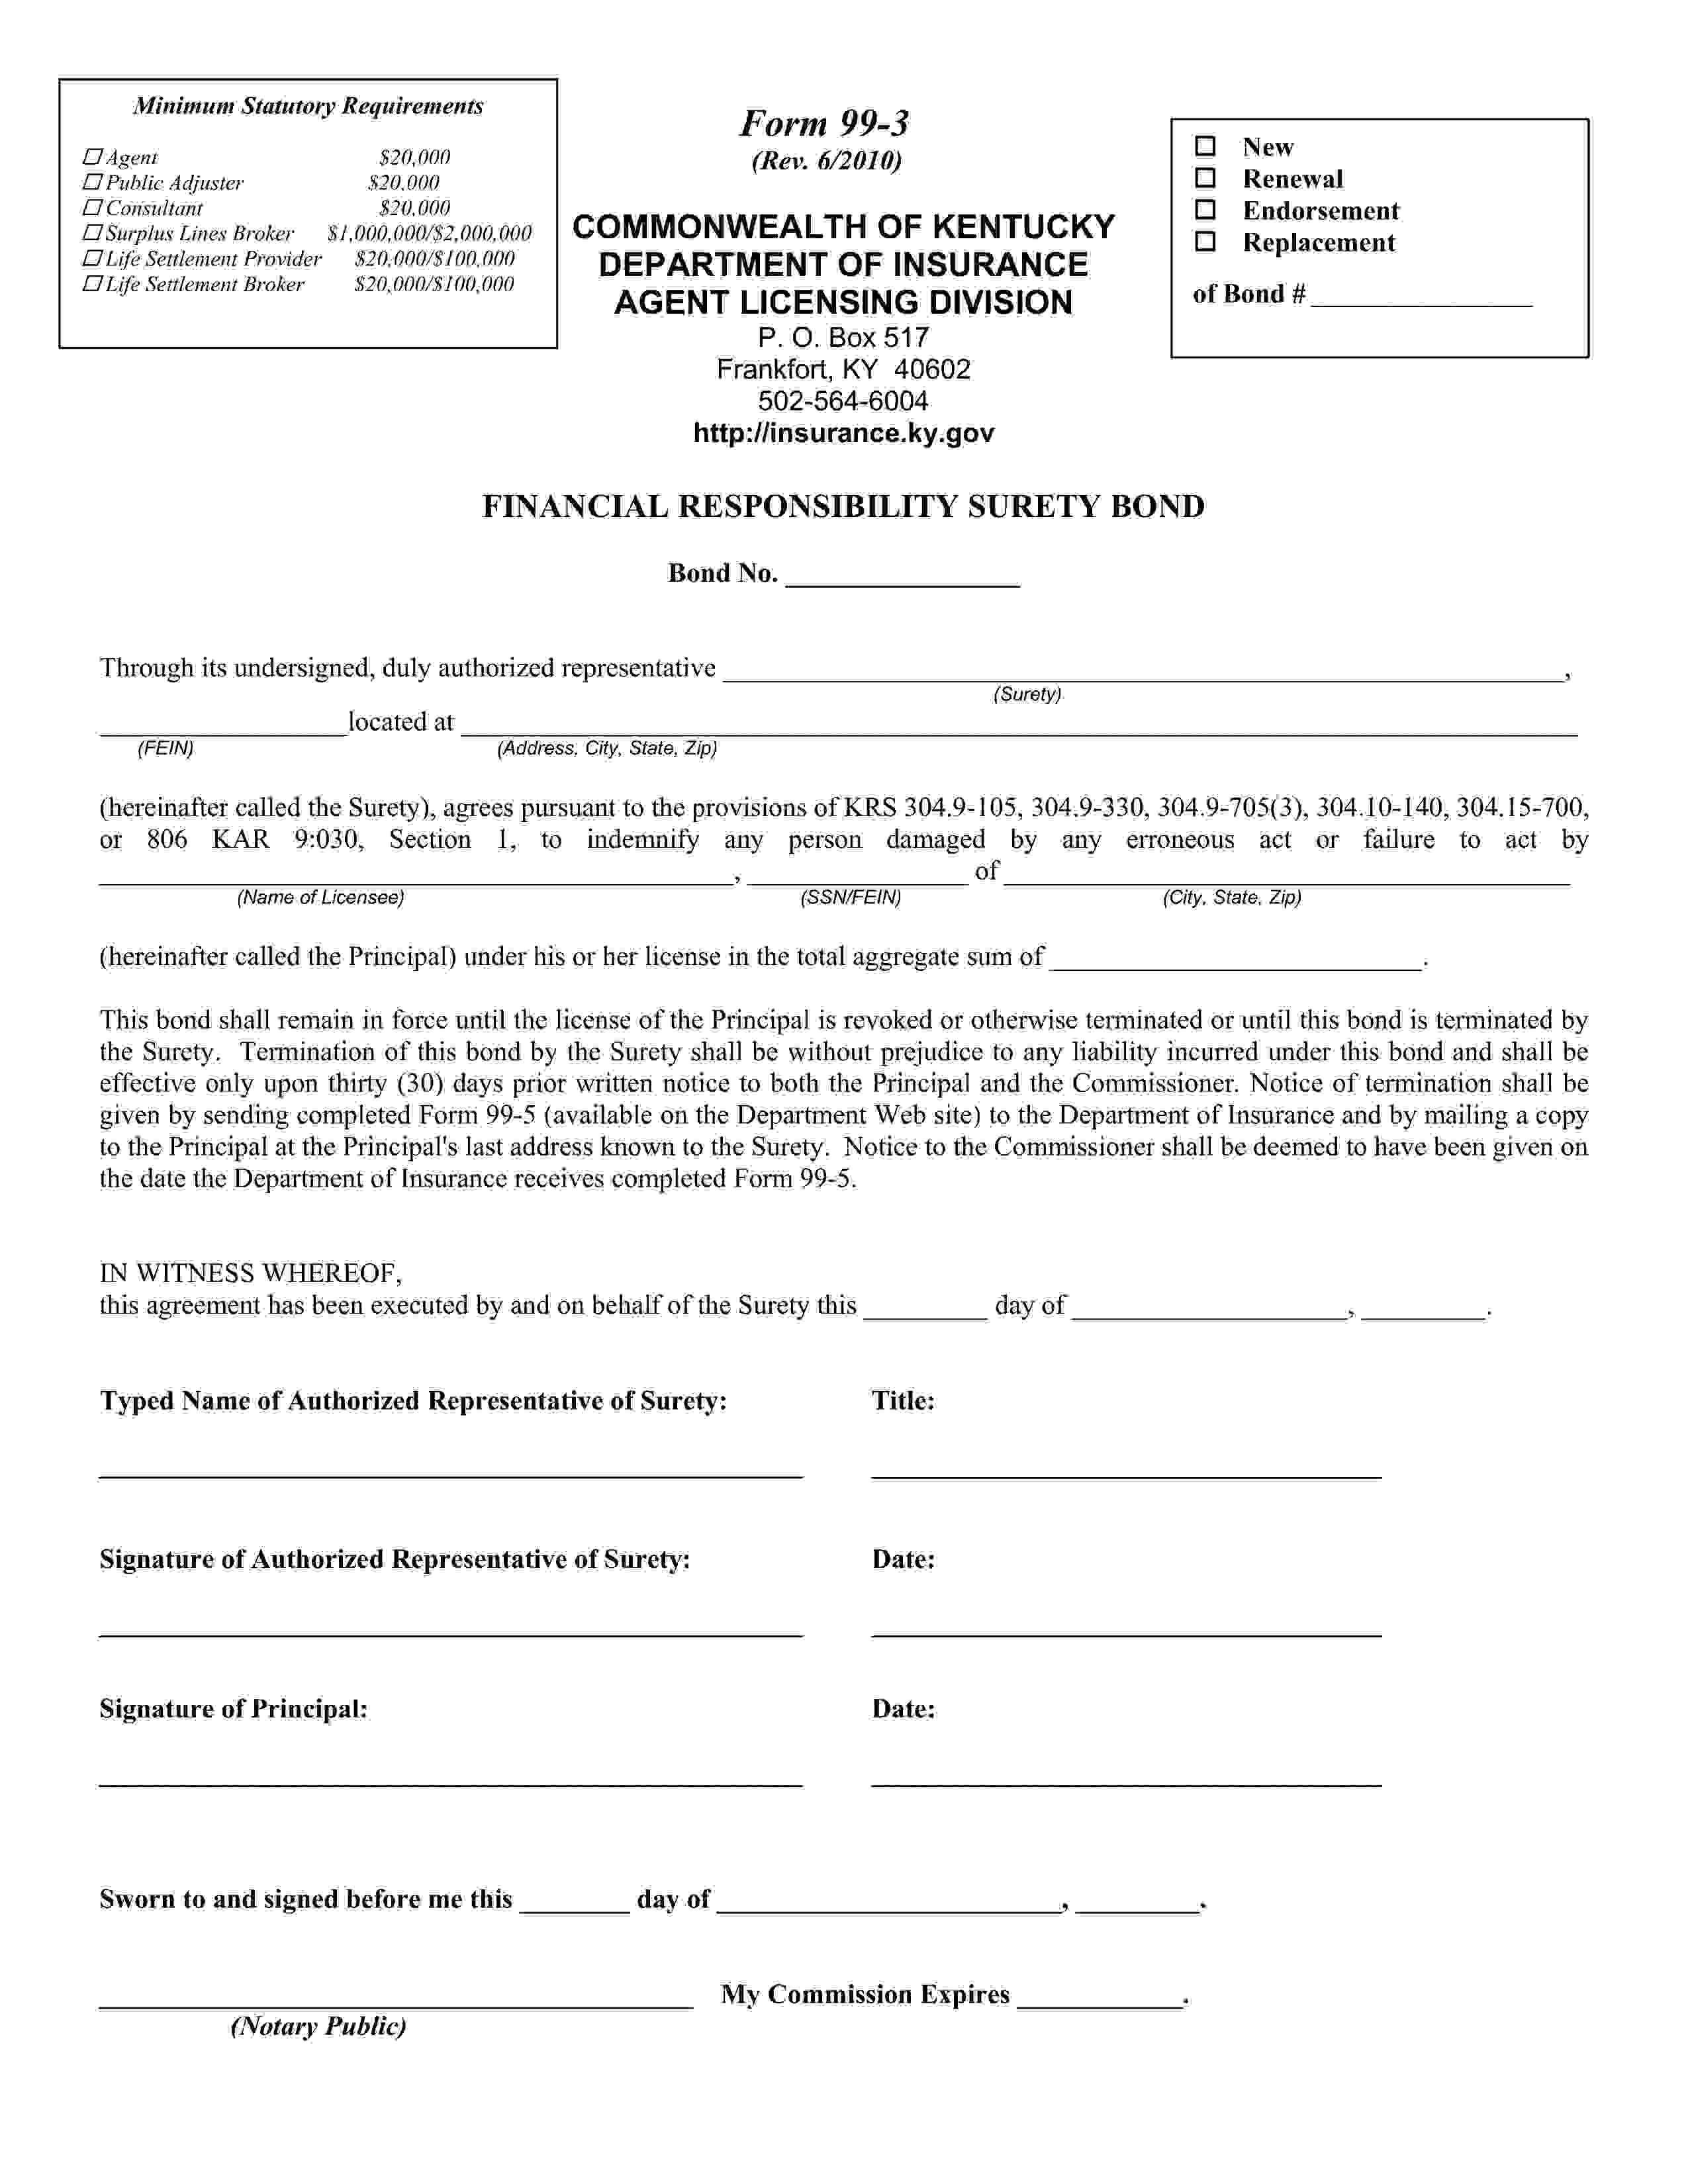 Department of Insurance Life Settlement Provider sample image